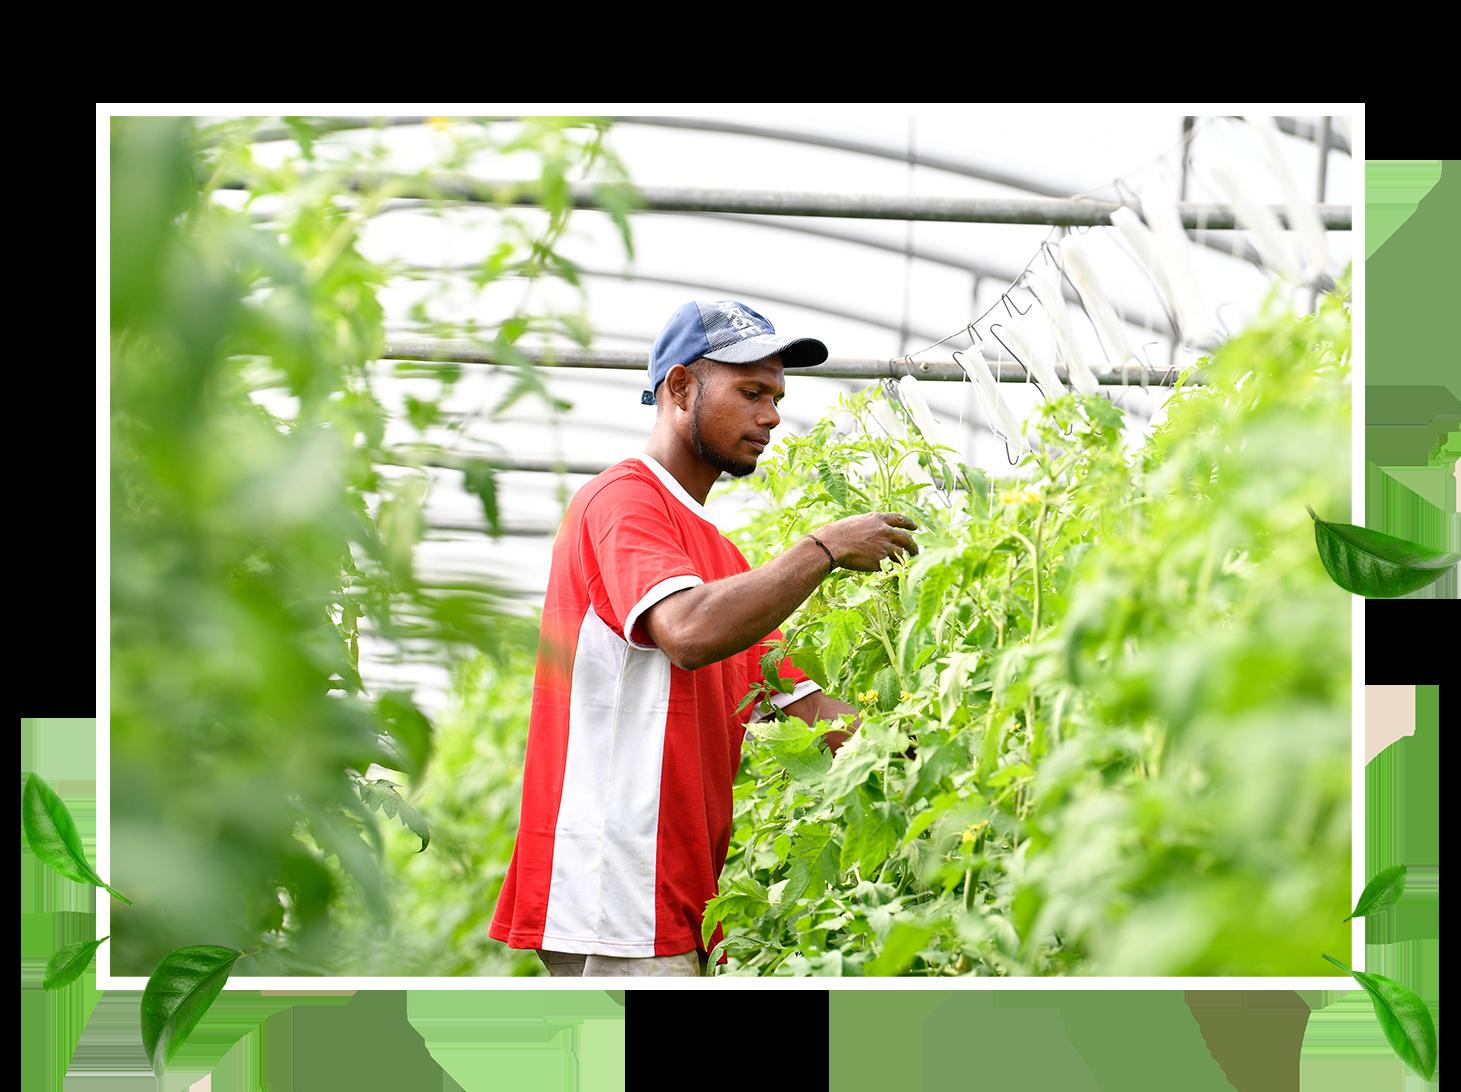 Pionnière dans la production de légumes sous abris à La Réunion - Sandy a développé au fil des années un cahier des charges, un savoir-faire et une expertise reconnus. Résultat ? Des produits bons et sains adaptés aux attentes de Réunionnais de plus en plus soucieux de leur alimentation, du respect de leur terroir et de leur environnement.